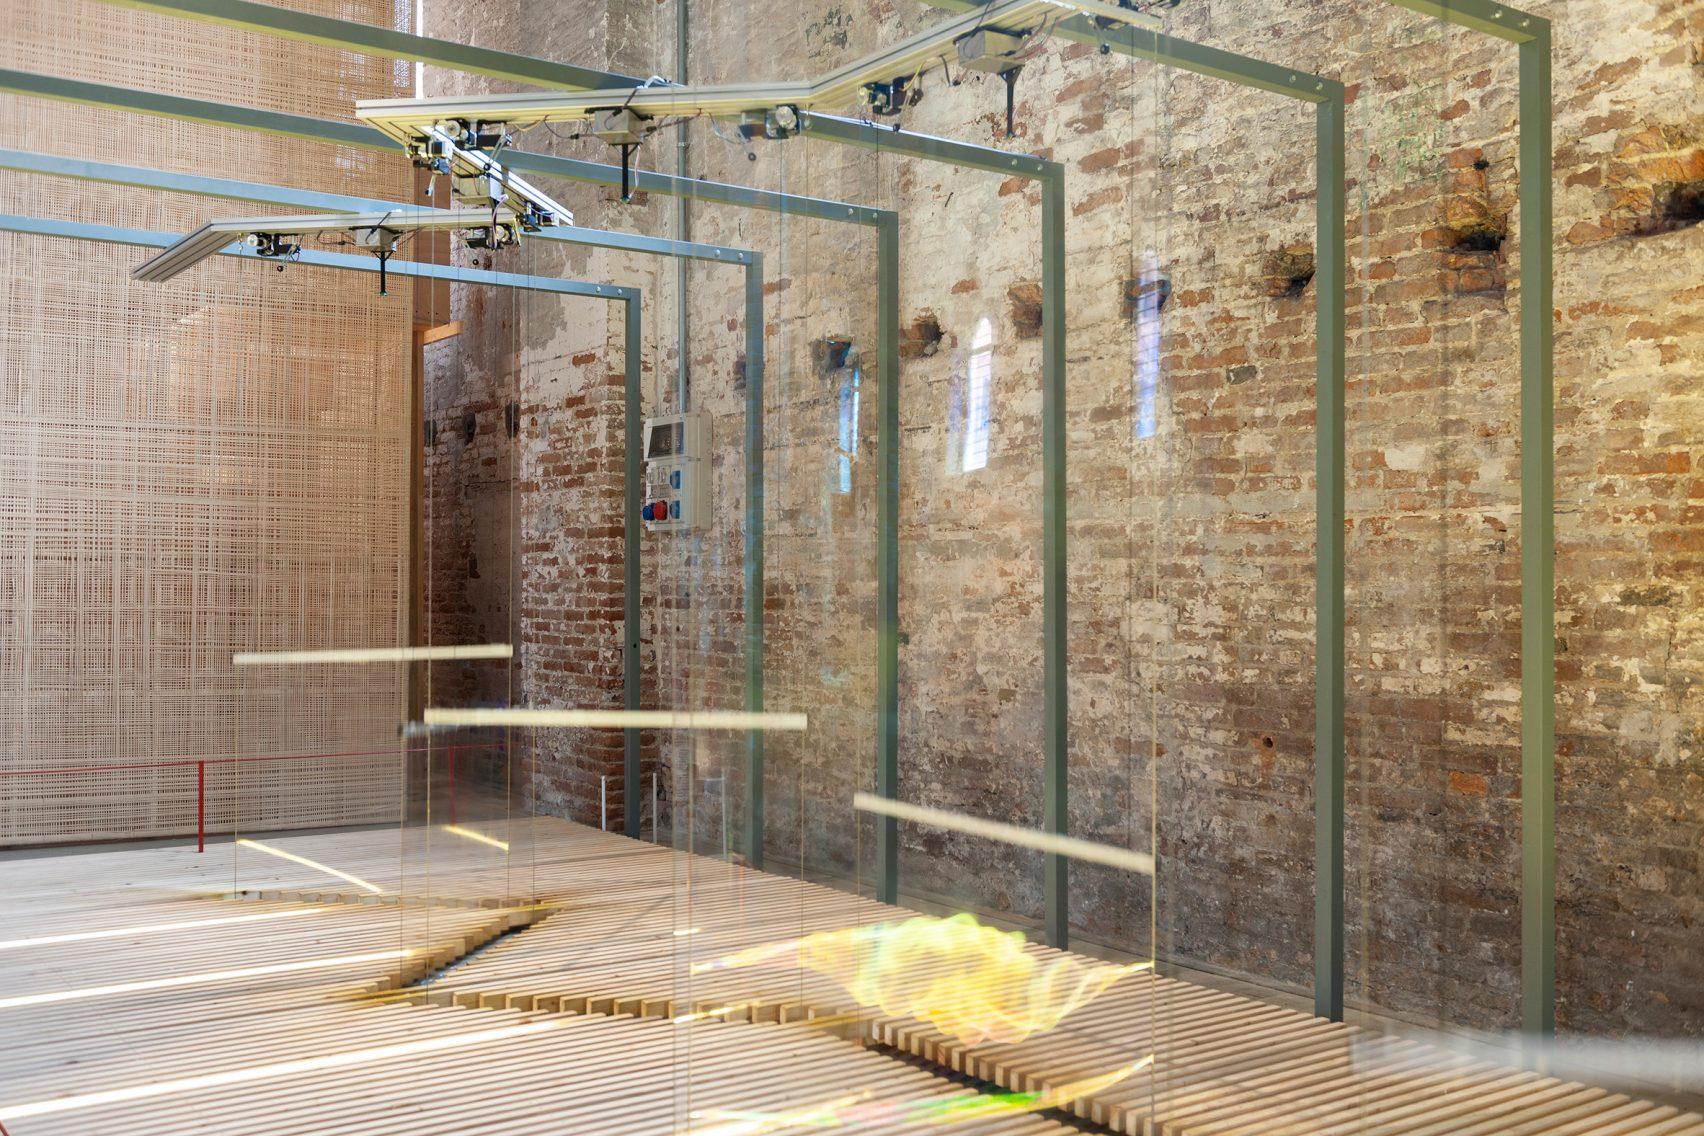 베니스건축비엔날레 설치물: 자동화기계를 이용한 비눗방울 벽